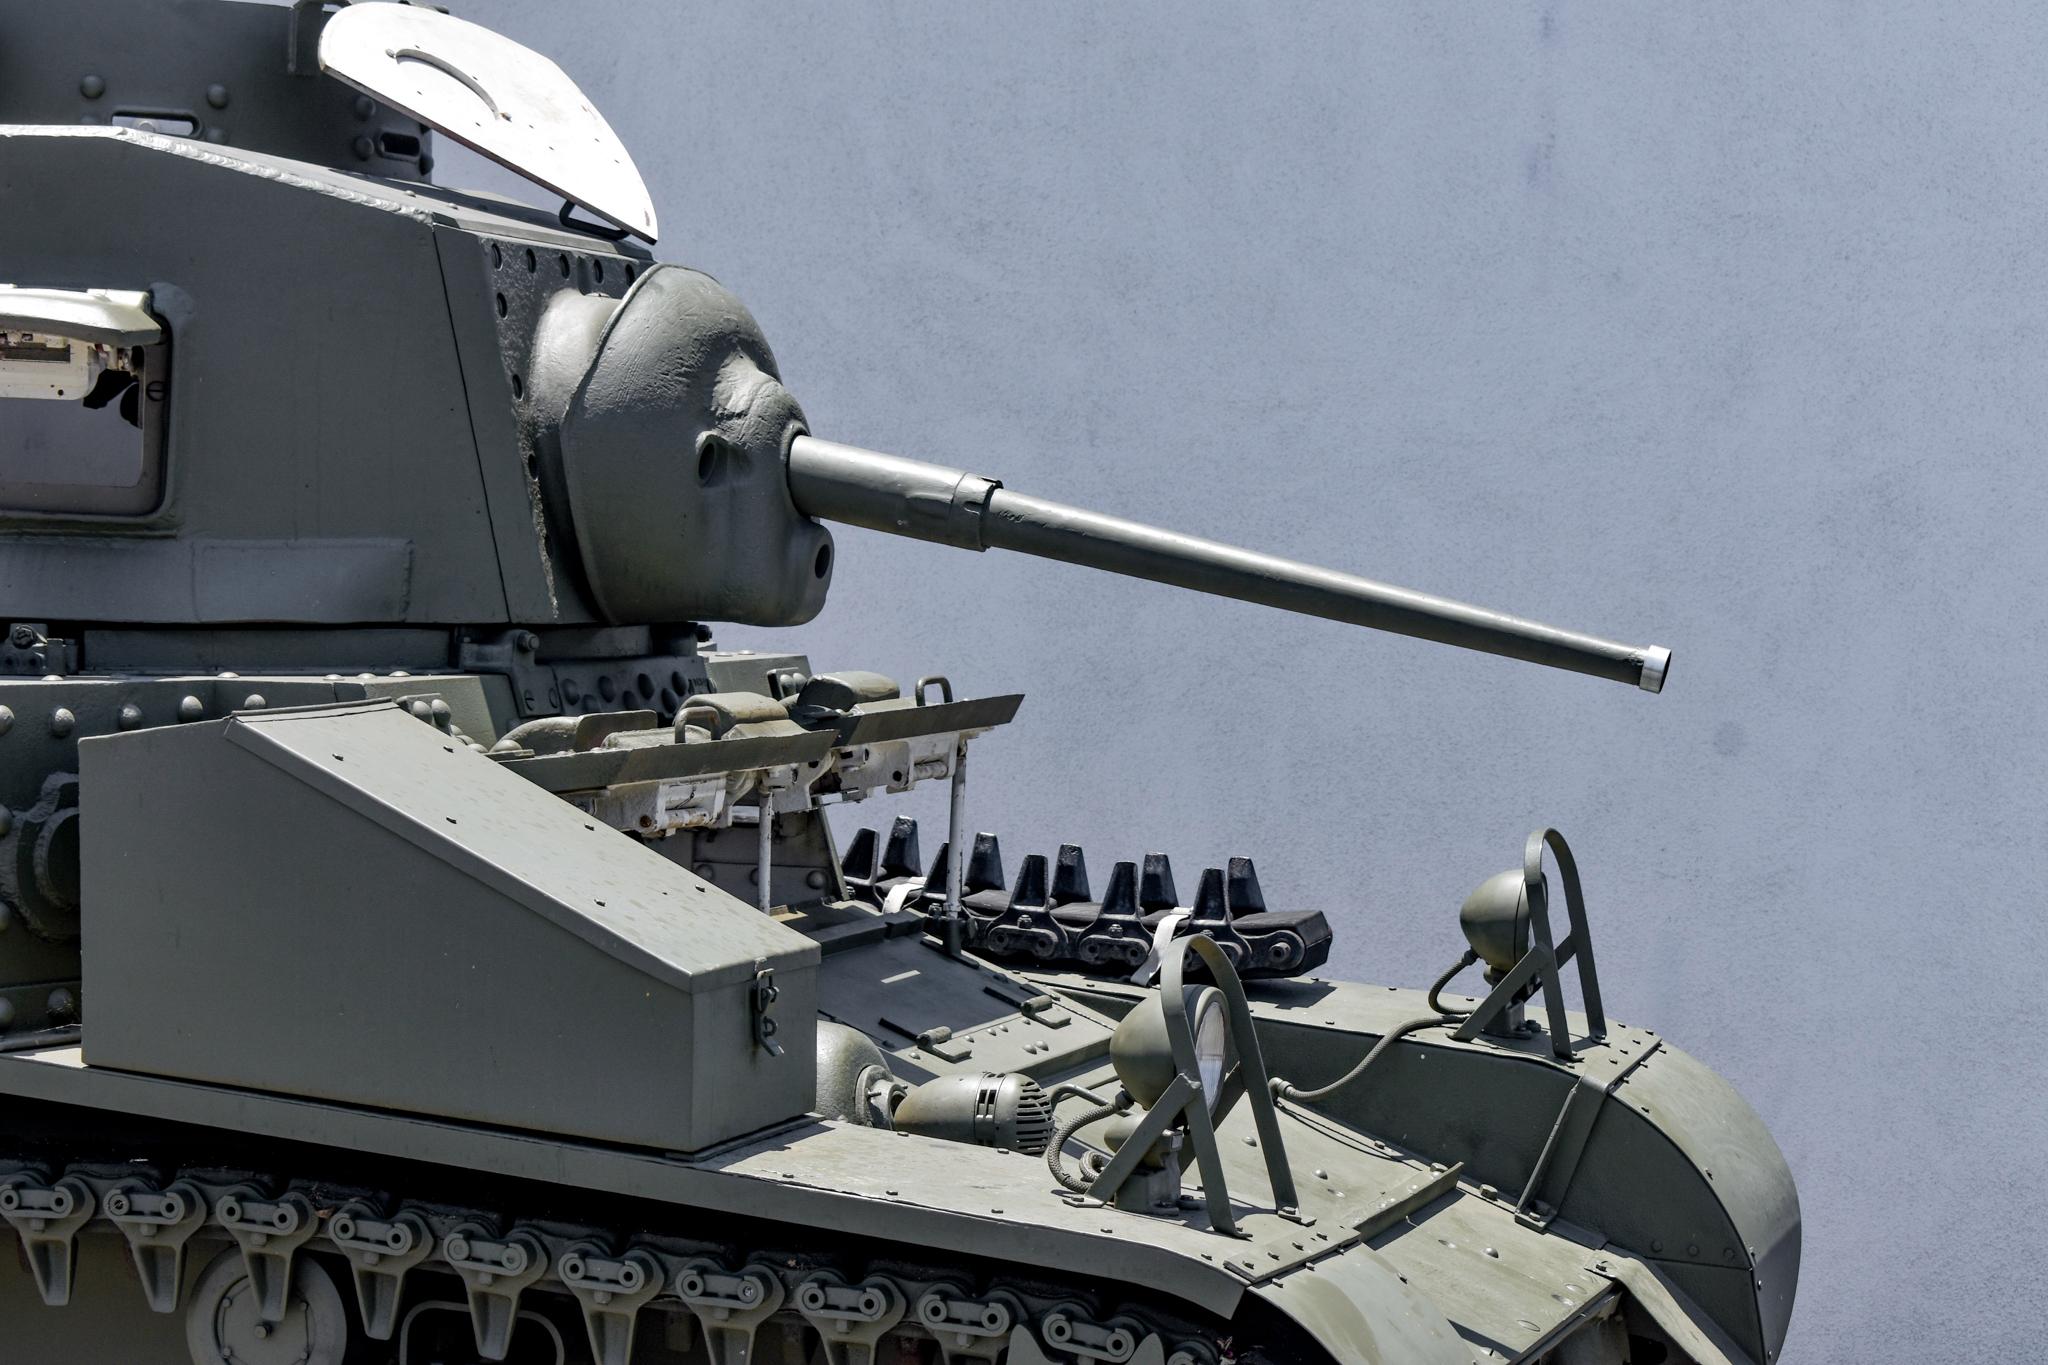 1941 M3 Stuart Tank turret